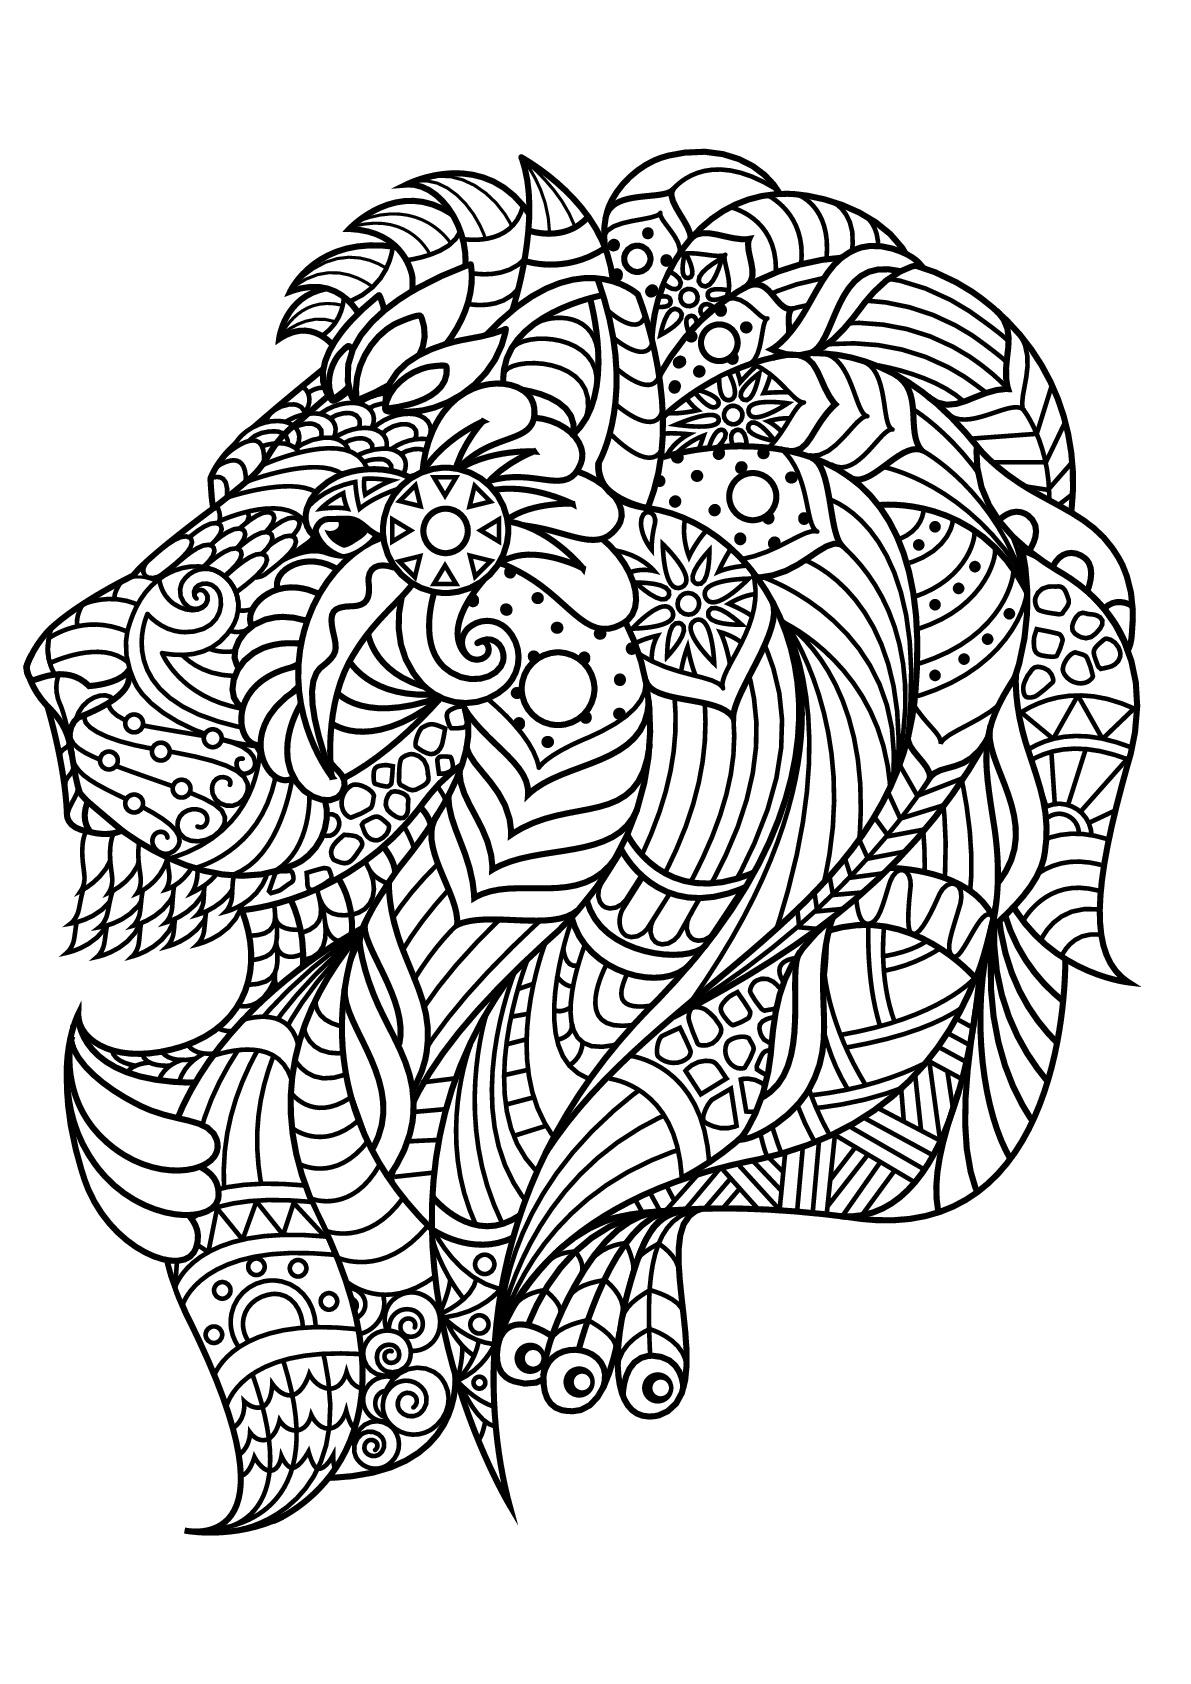 Colorear para adultos  : Leones - 4